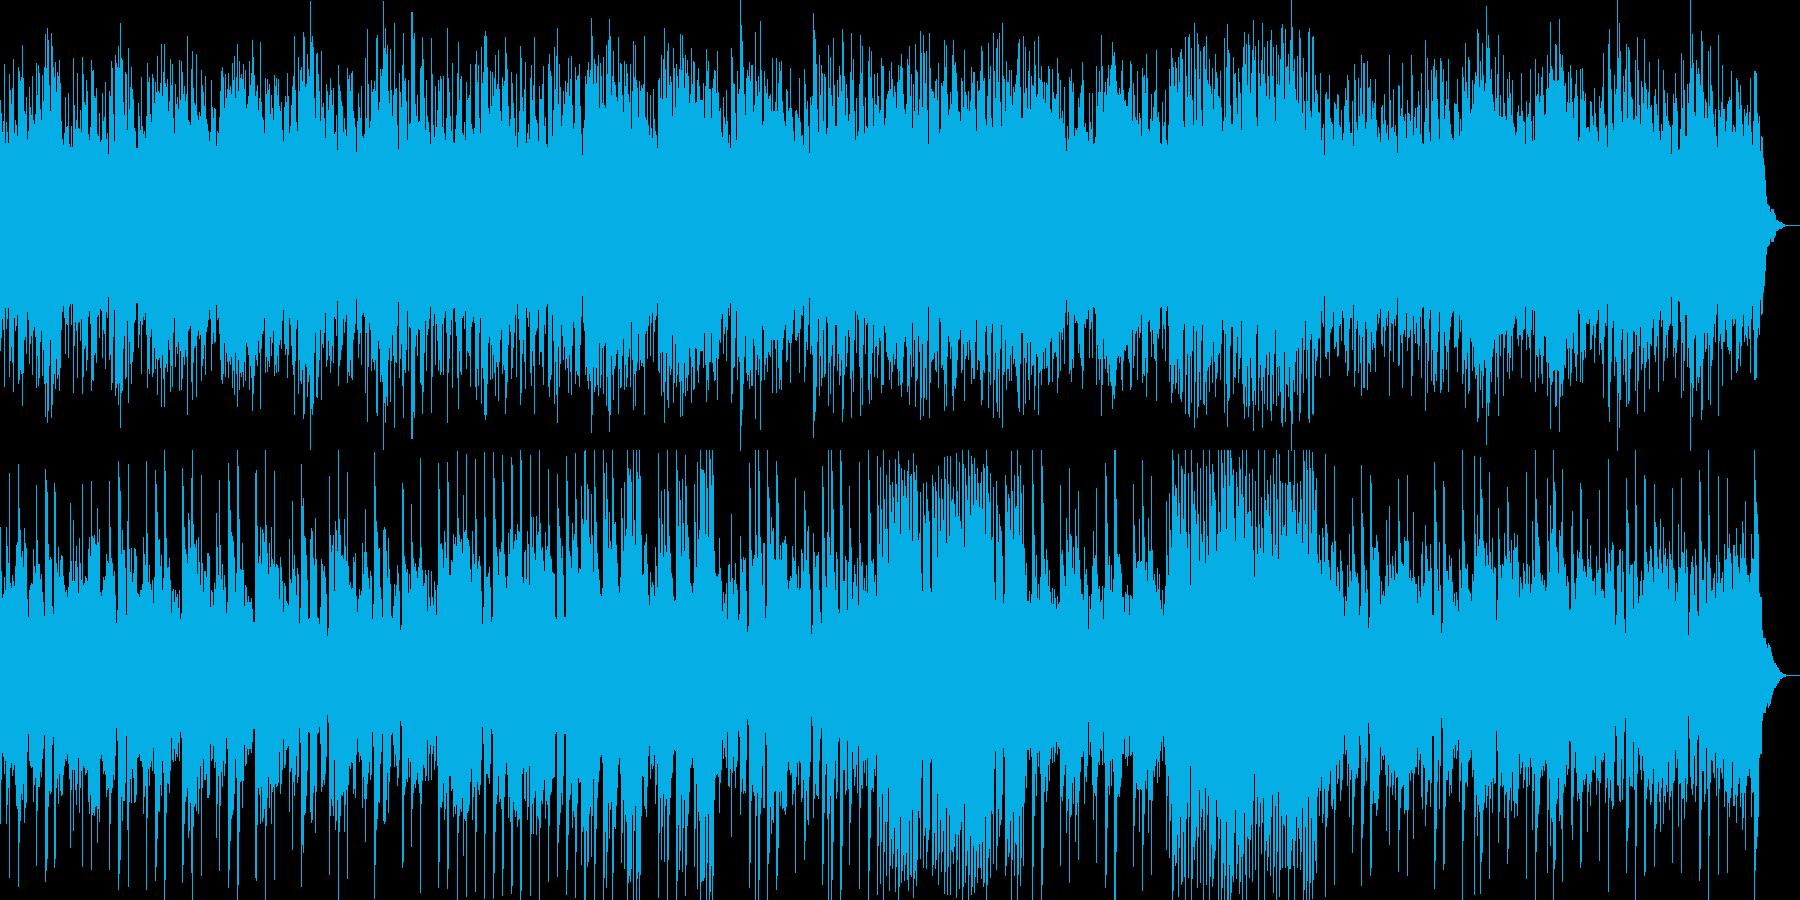 明るく落ち着いた雰囲気のヒーリング曲の再生済みの波形